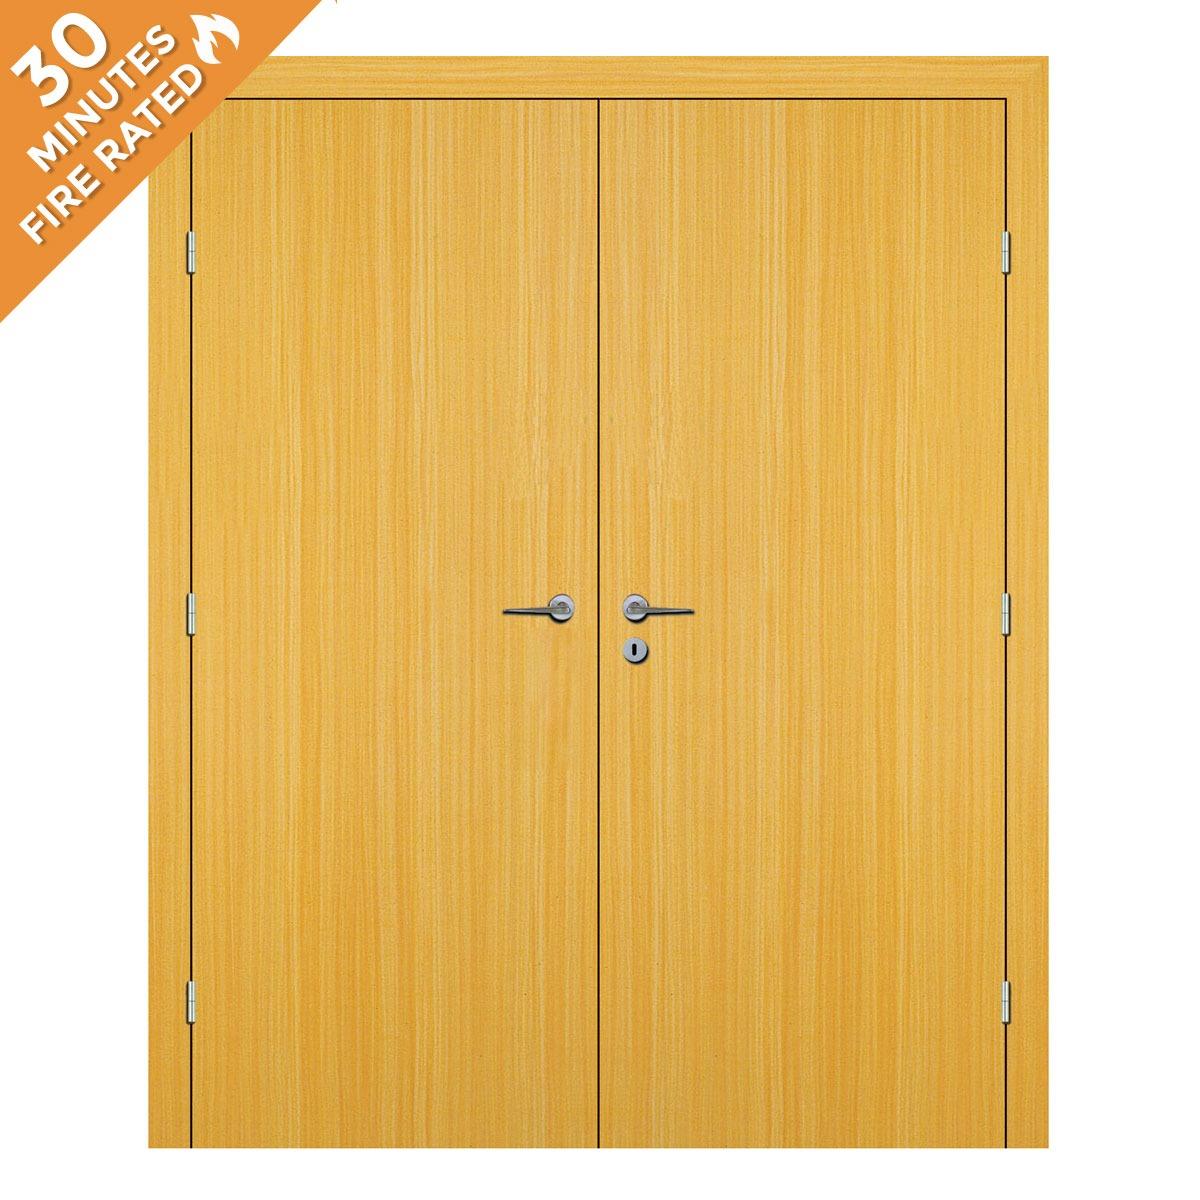 Koto Double Door FD30